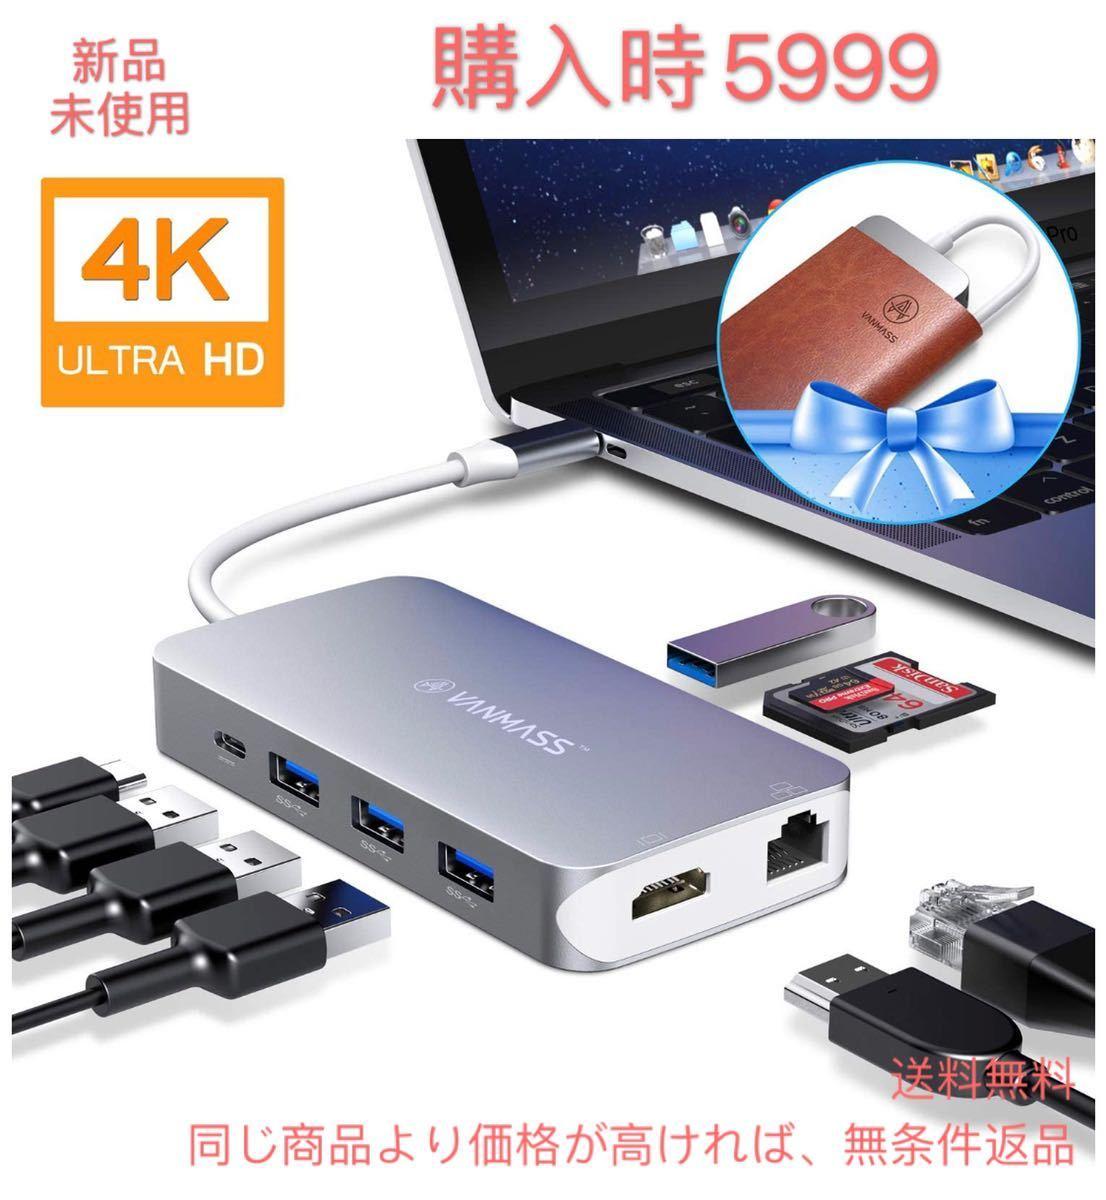 新品 未使用 USB-Cハブ Type-C 9in1 高速データ転送 4K高画質